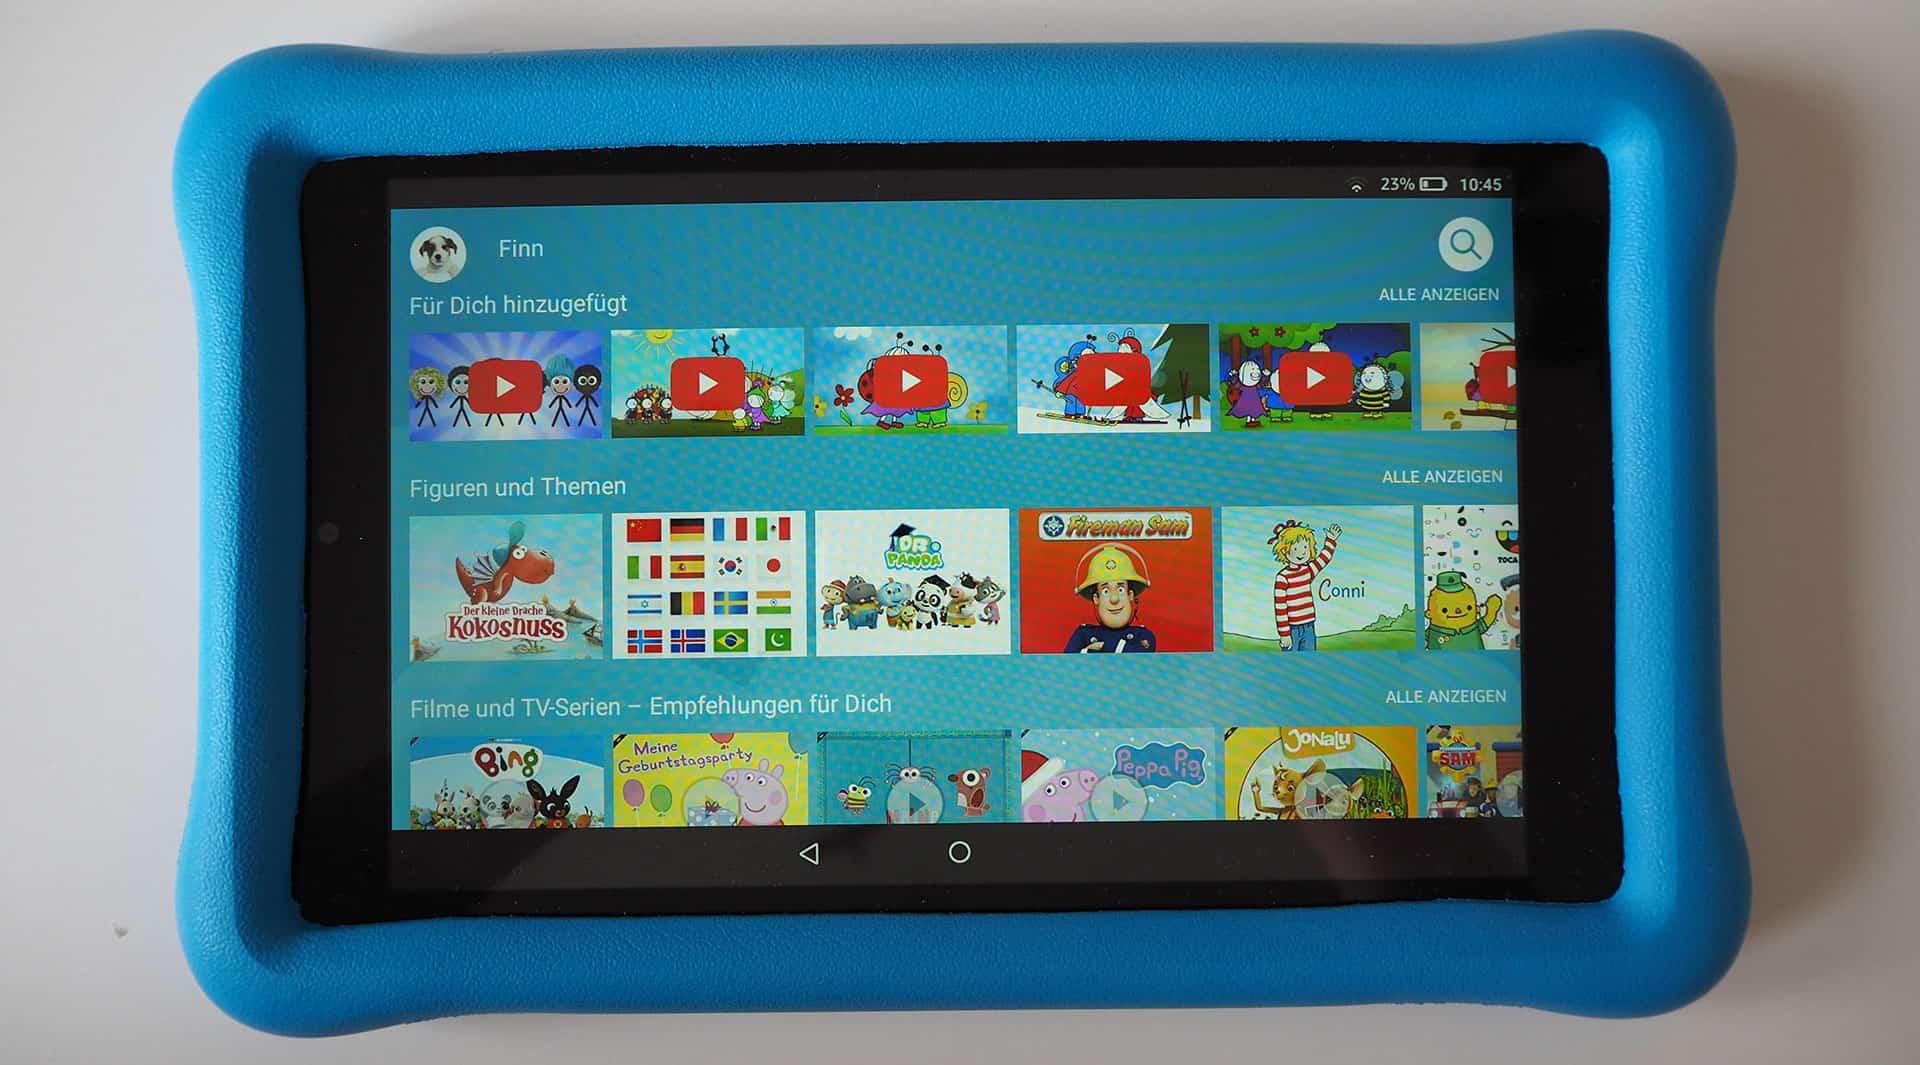 Der Startbildschirm des Amazon Fire HD Kids Edition